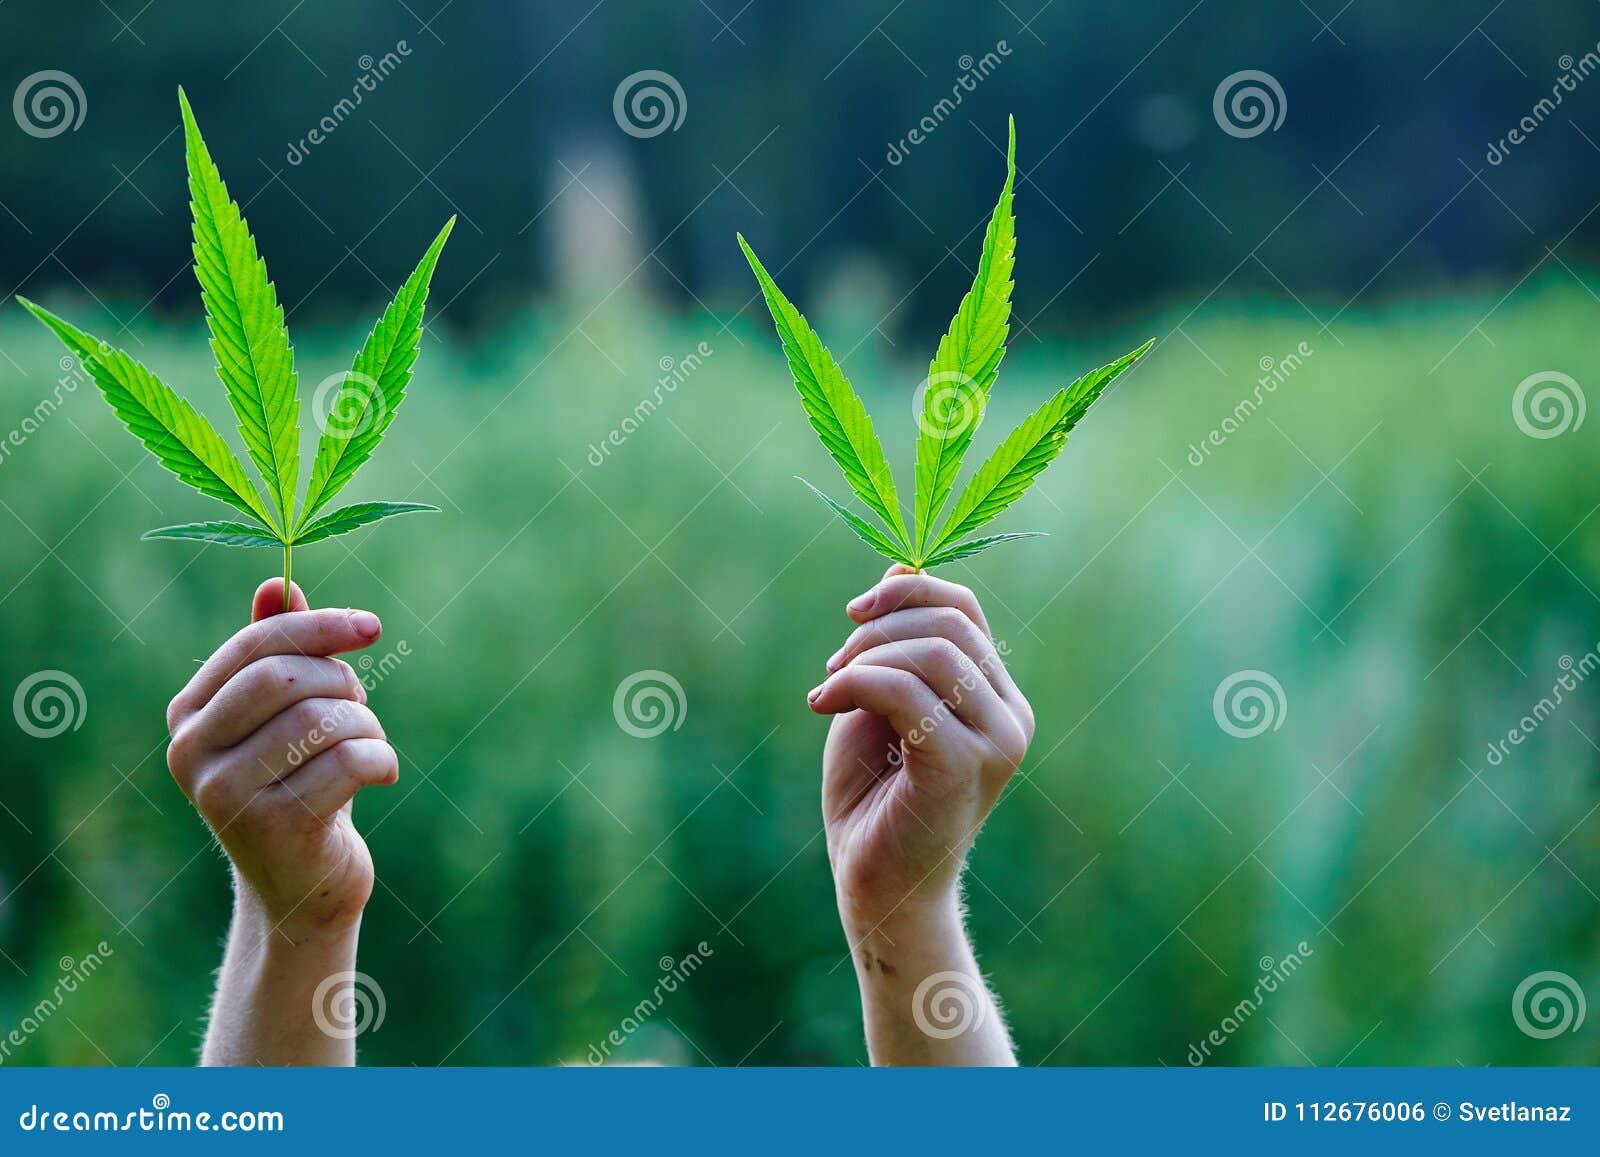 Конопля в руках мр3 медведей и марихуану